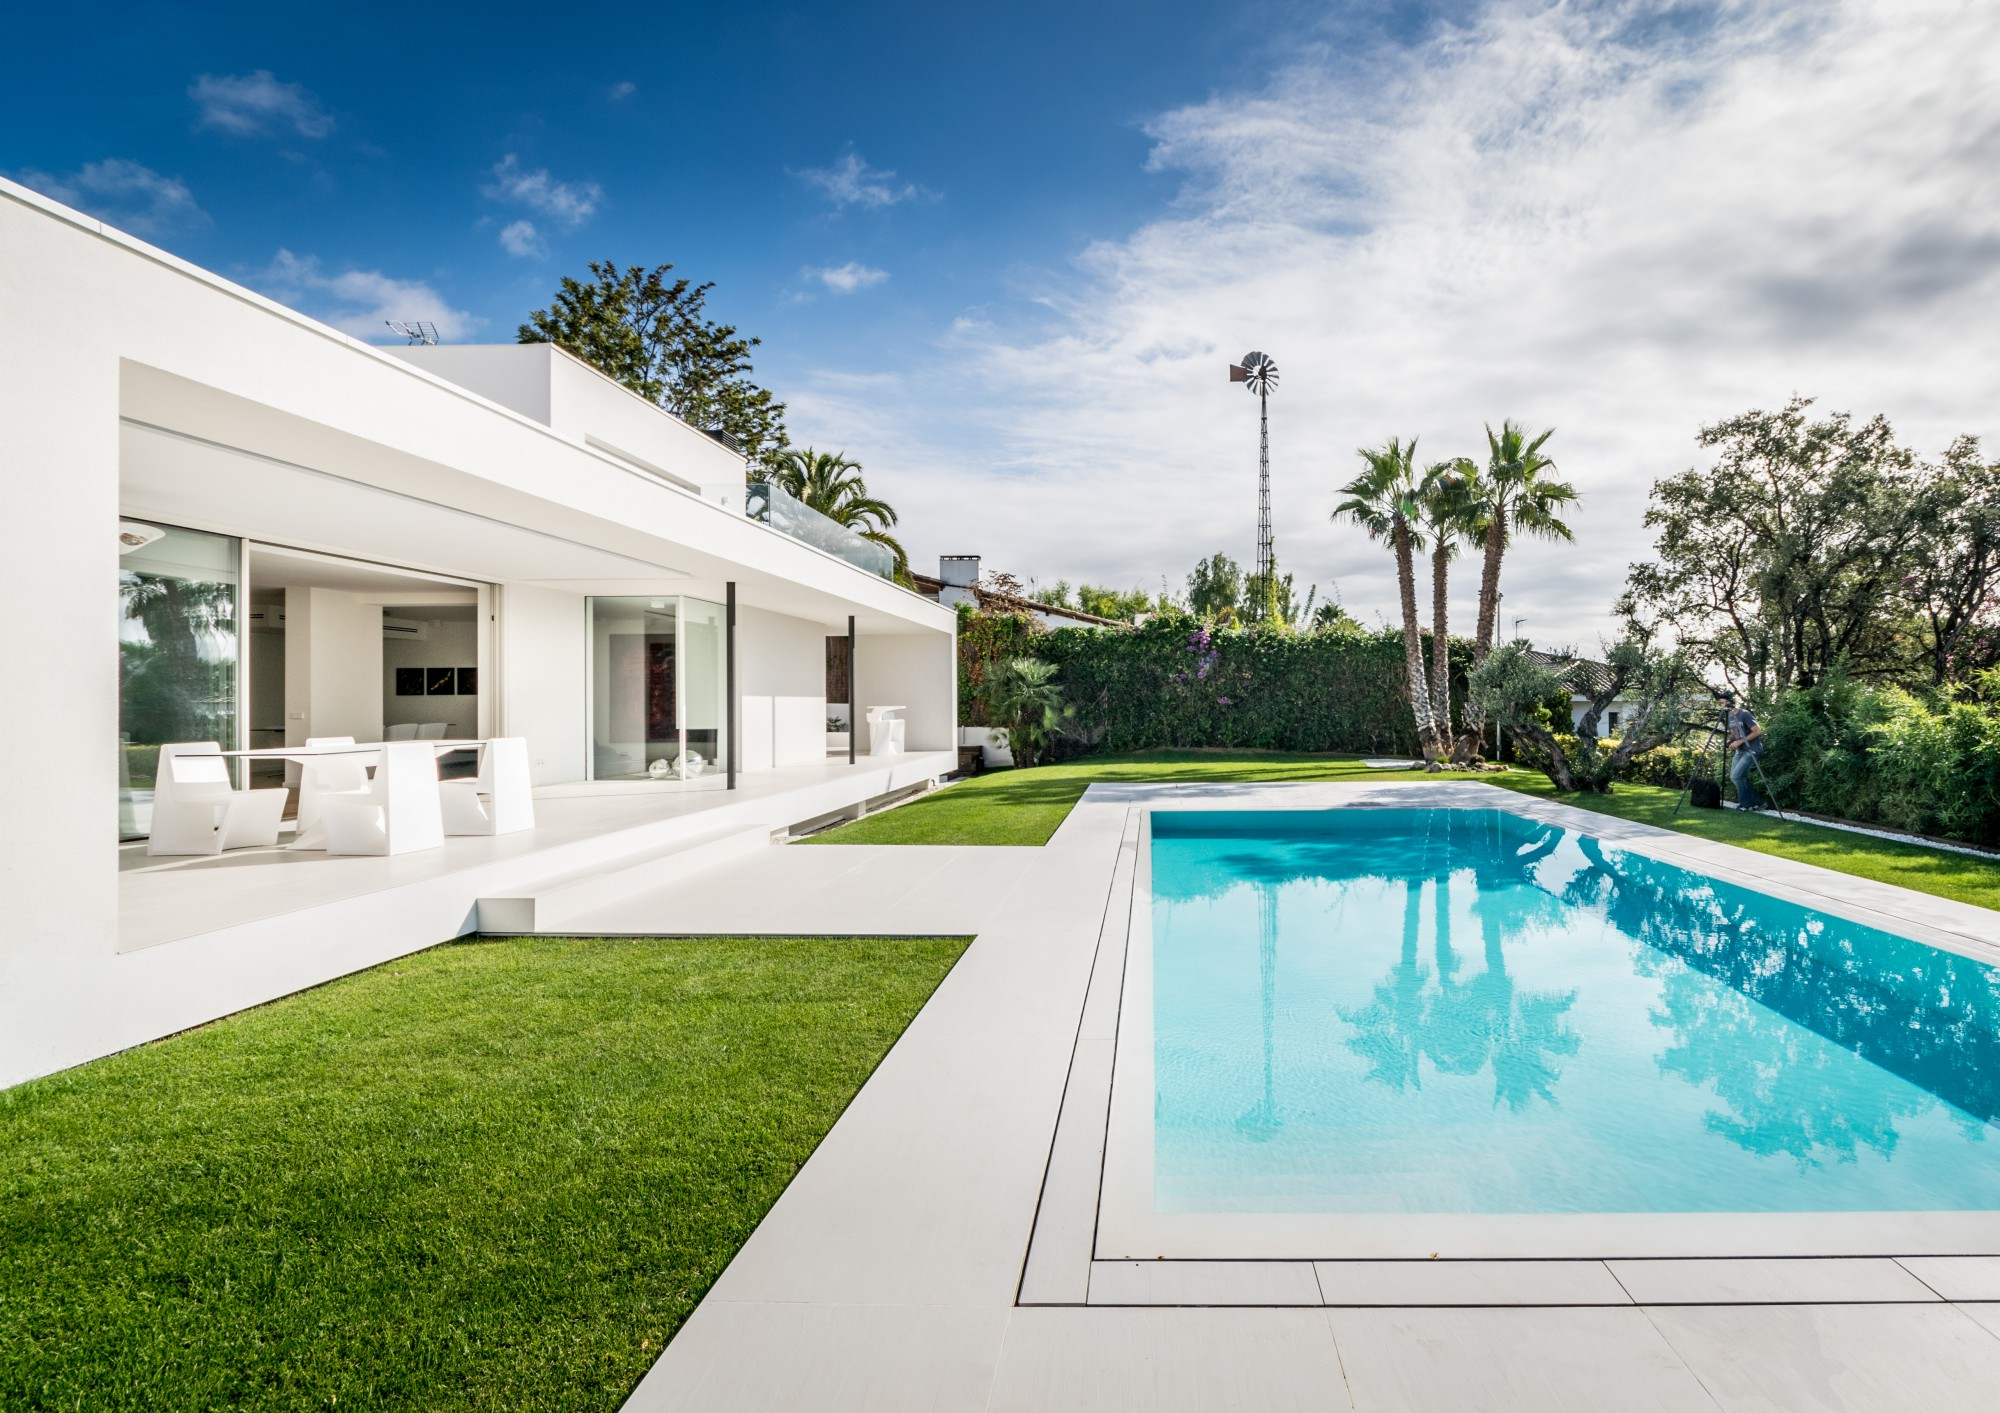 A água é reutilizada para regar o jardim e encher a piscina